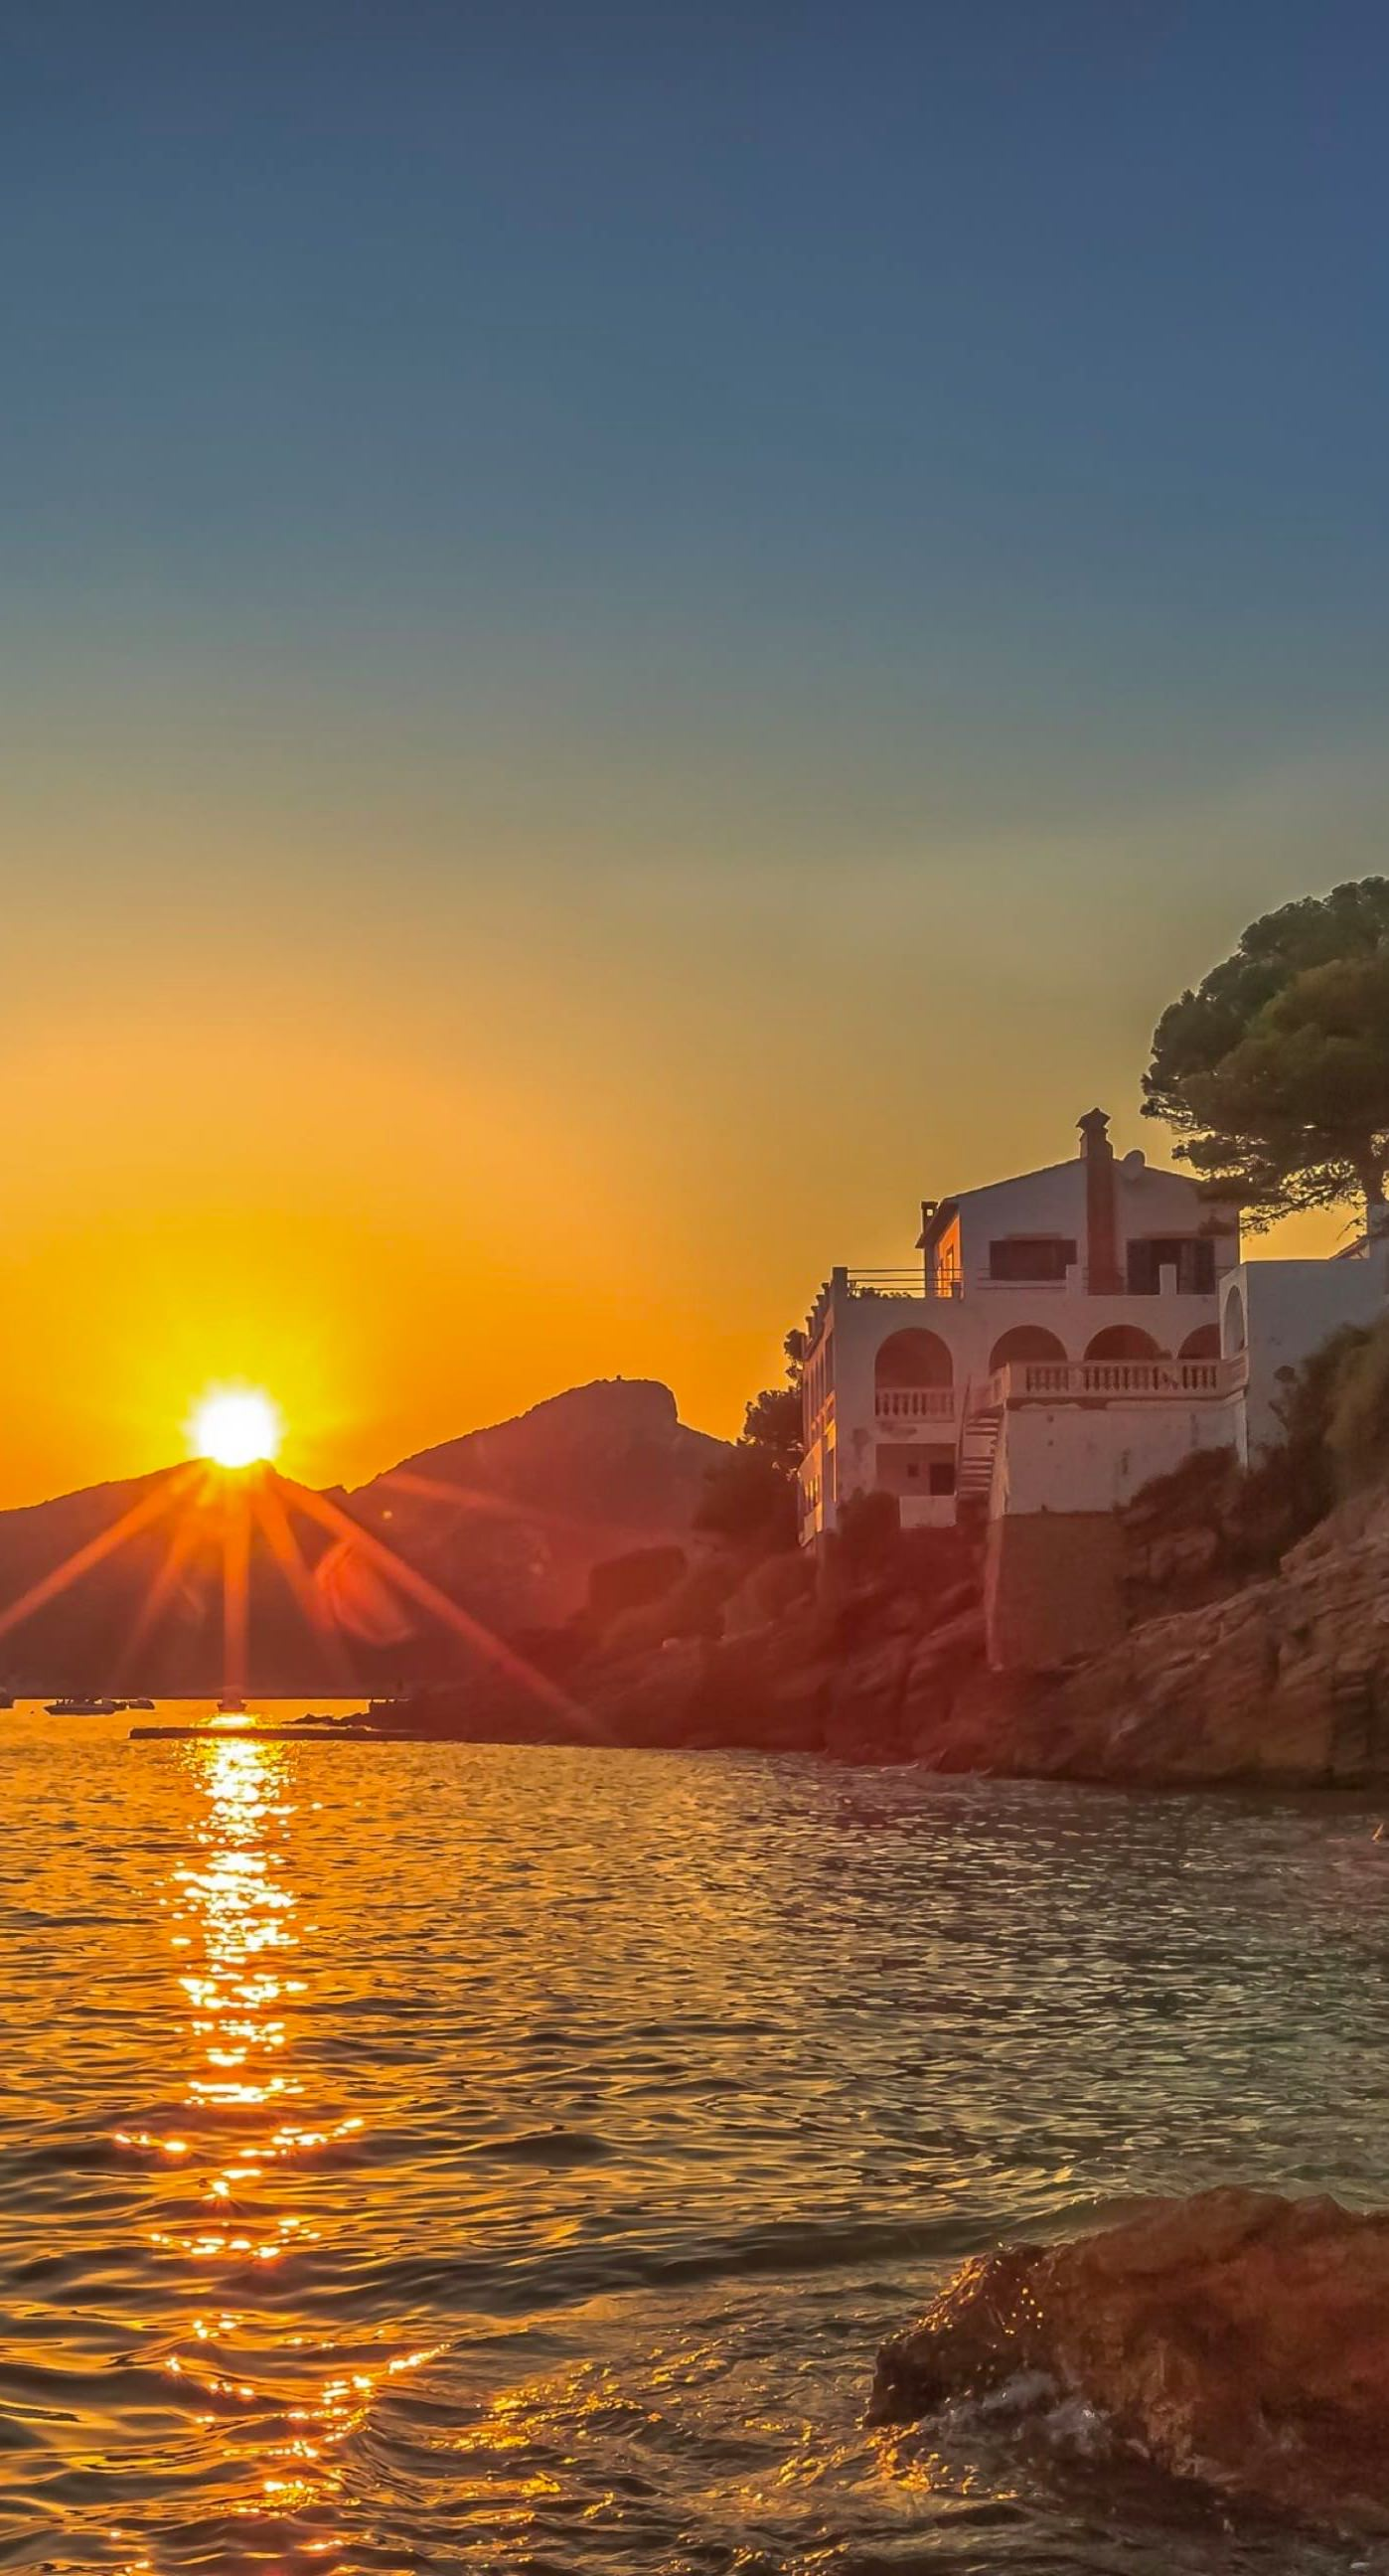 Pemandangan Laut Matahari Terbenam Wallpapersc IPhone7Plus